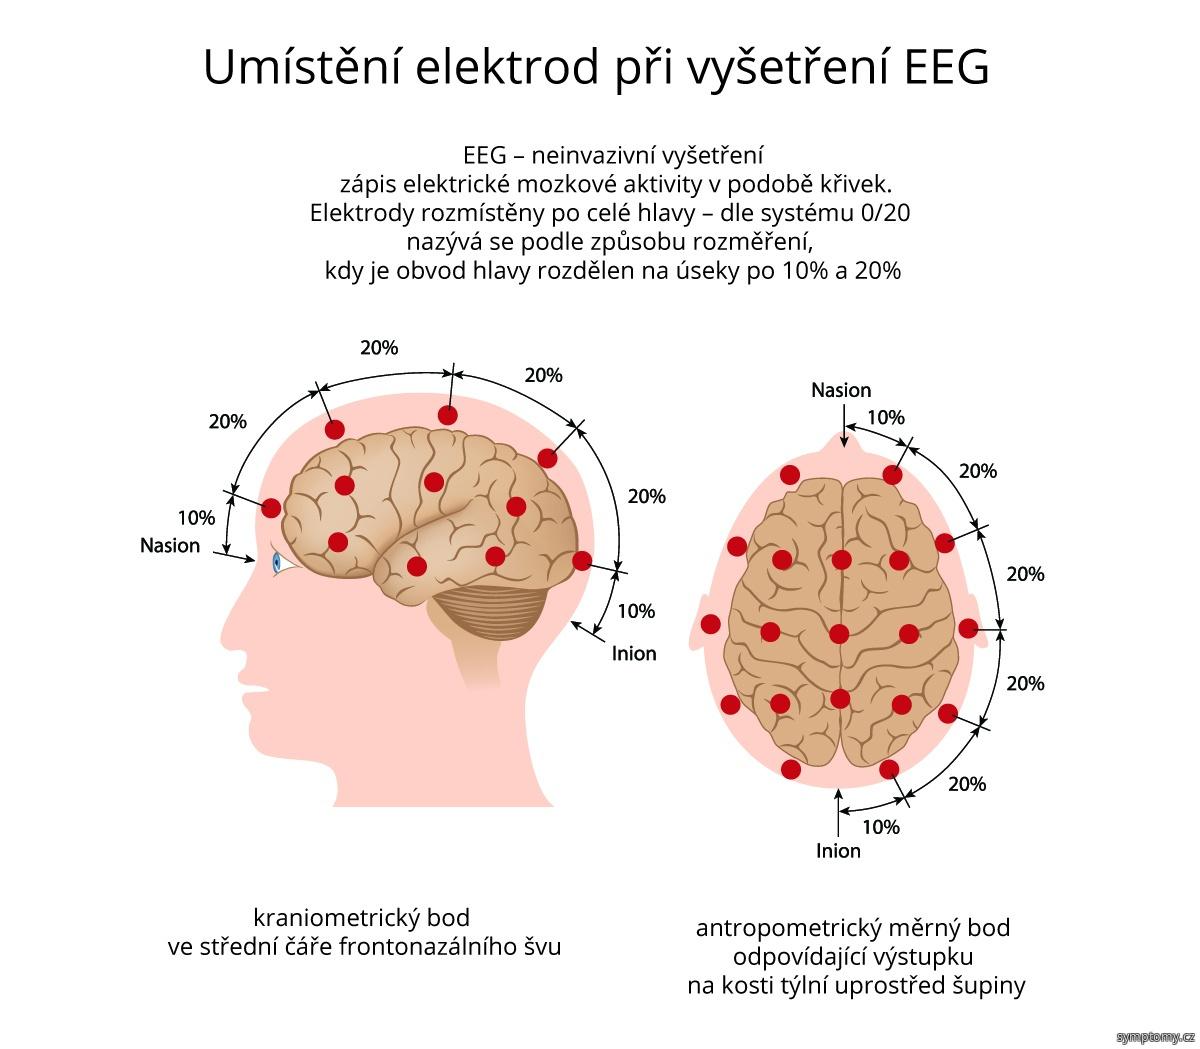 Umístění elektrod při vyšetření EEG